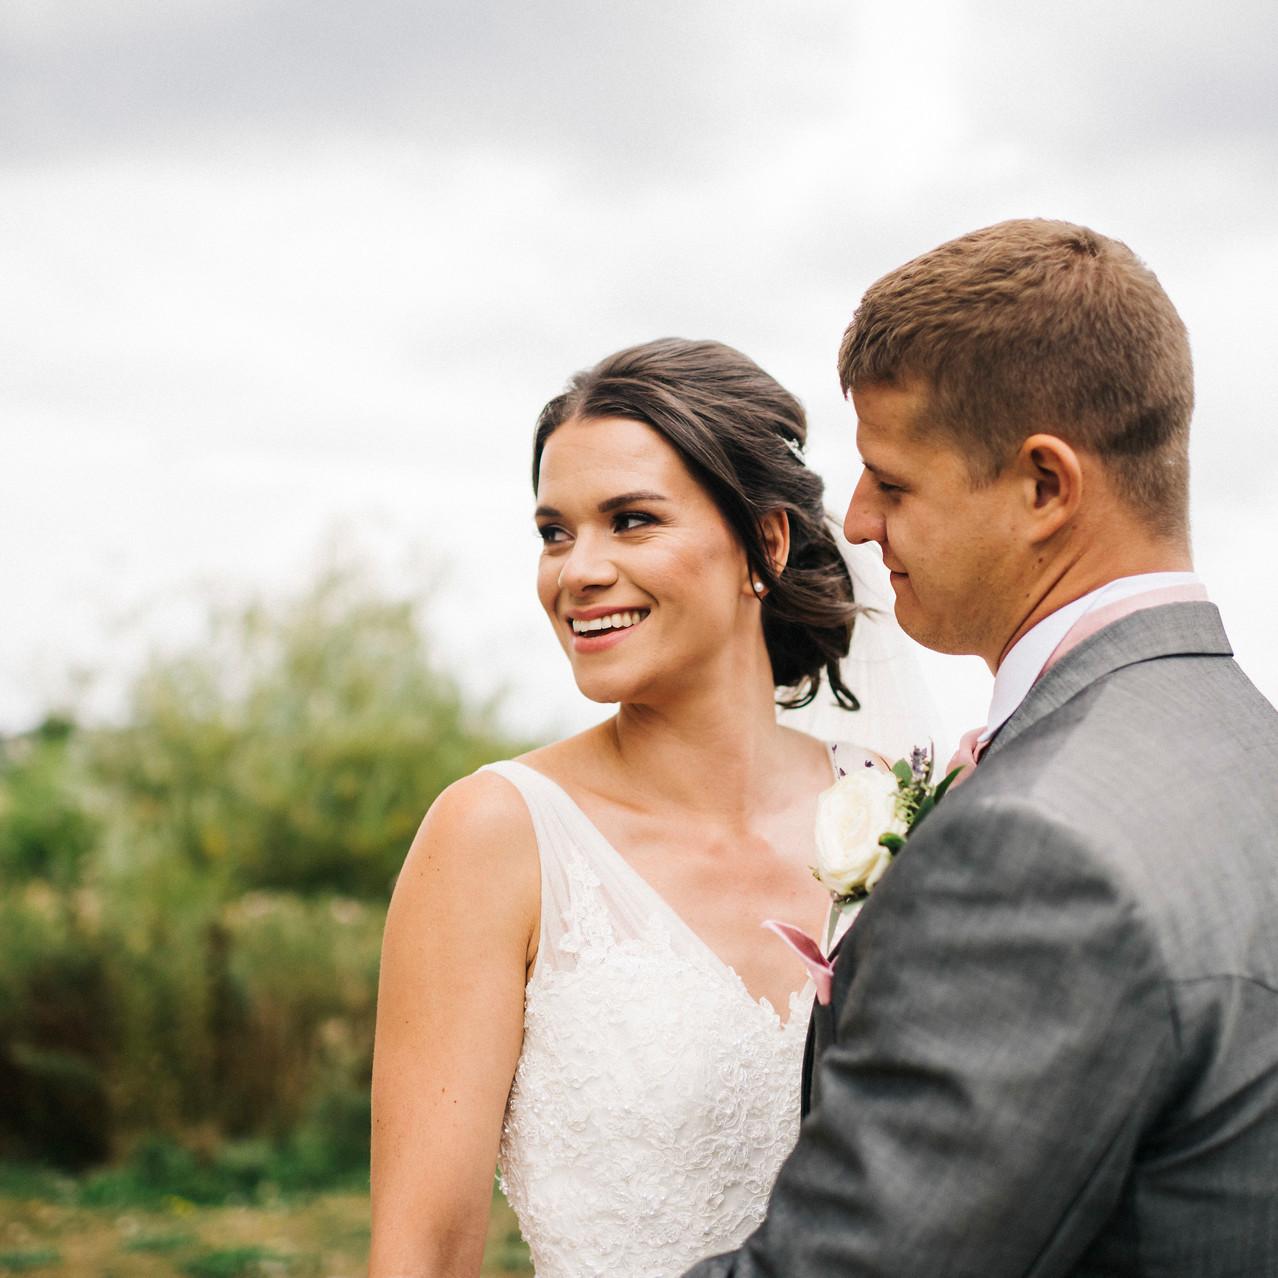 Real Bride Amy